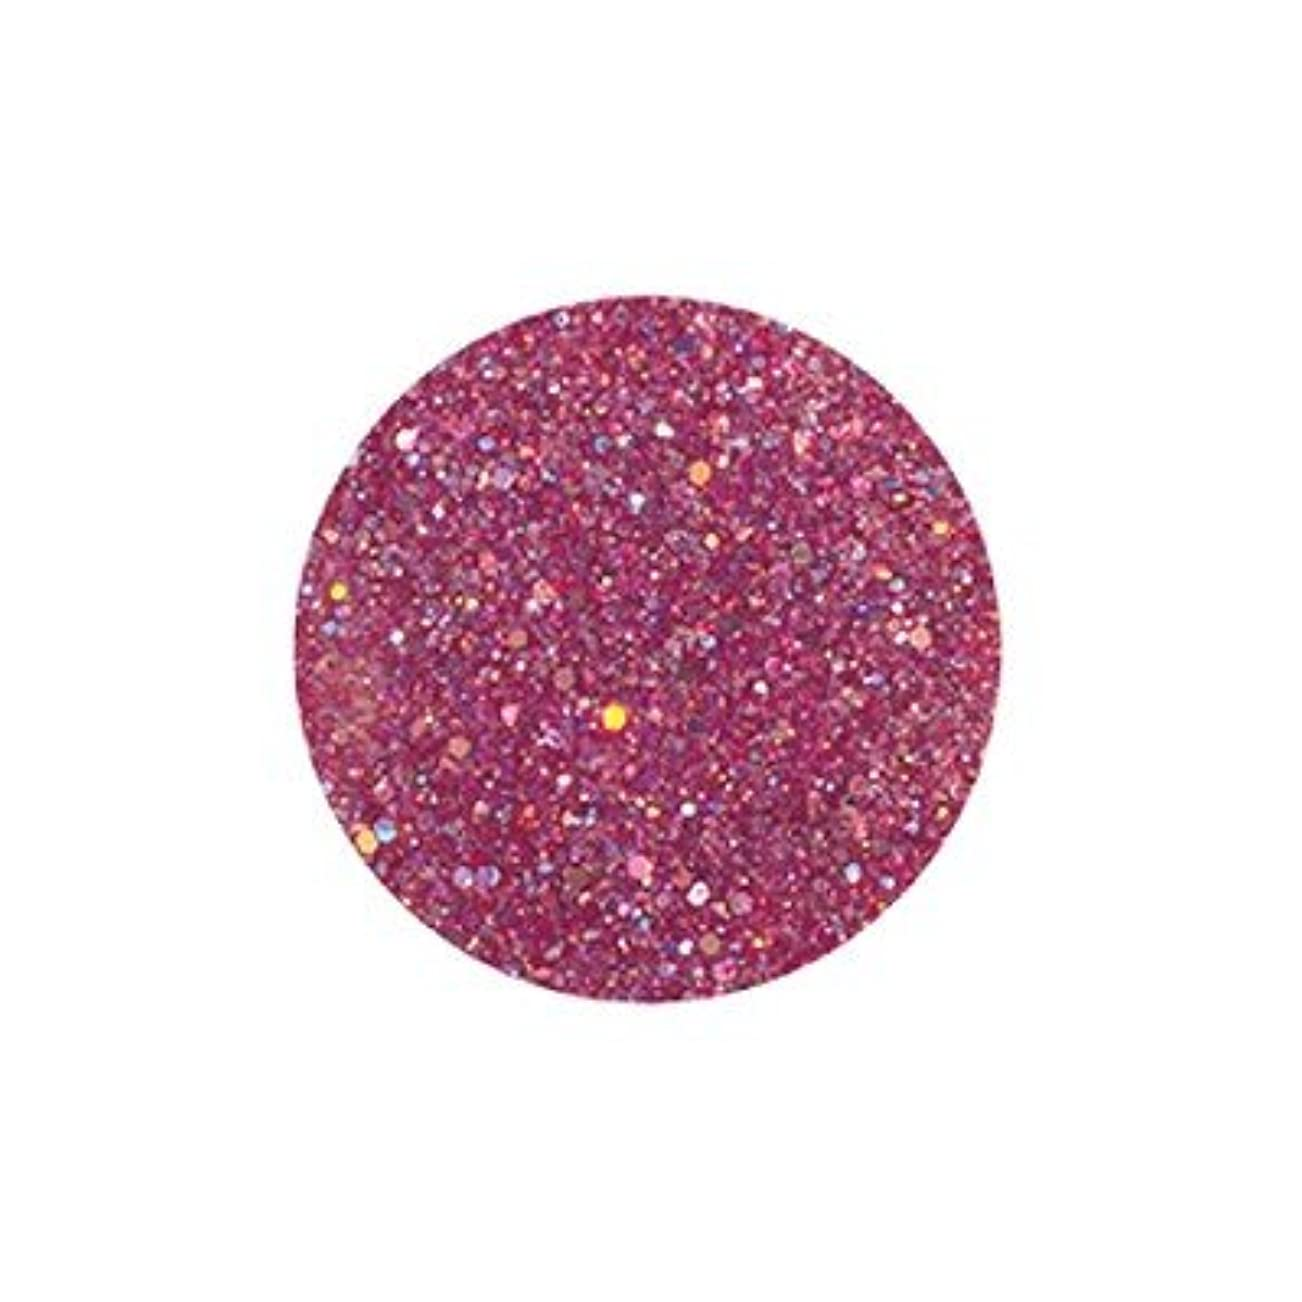 組み込むこだわりネストFANTASY NAIL ダイヤモンドコレクション 3g 4259XS カラーパウダー アート材